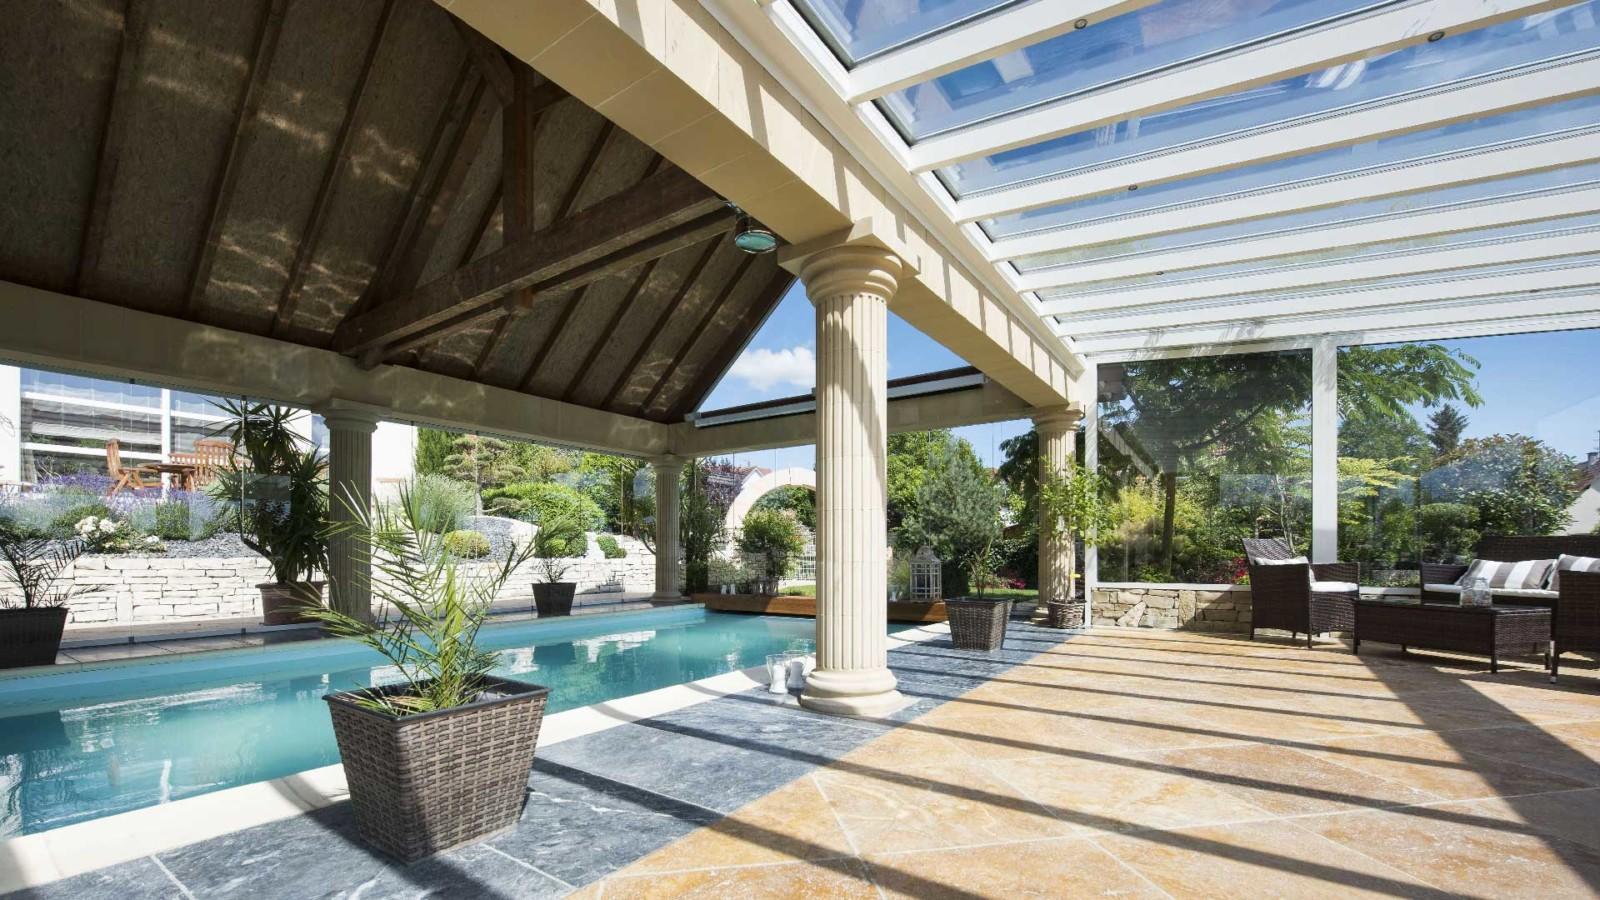 veranda-blanc-toit-vitre-piscine-colonnes